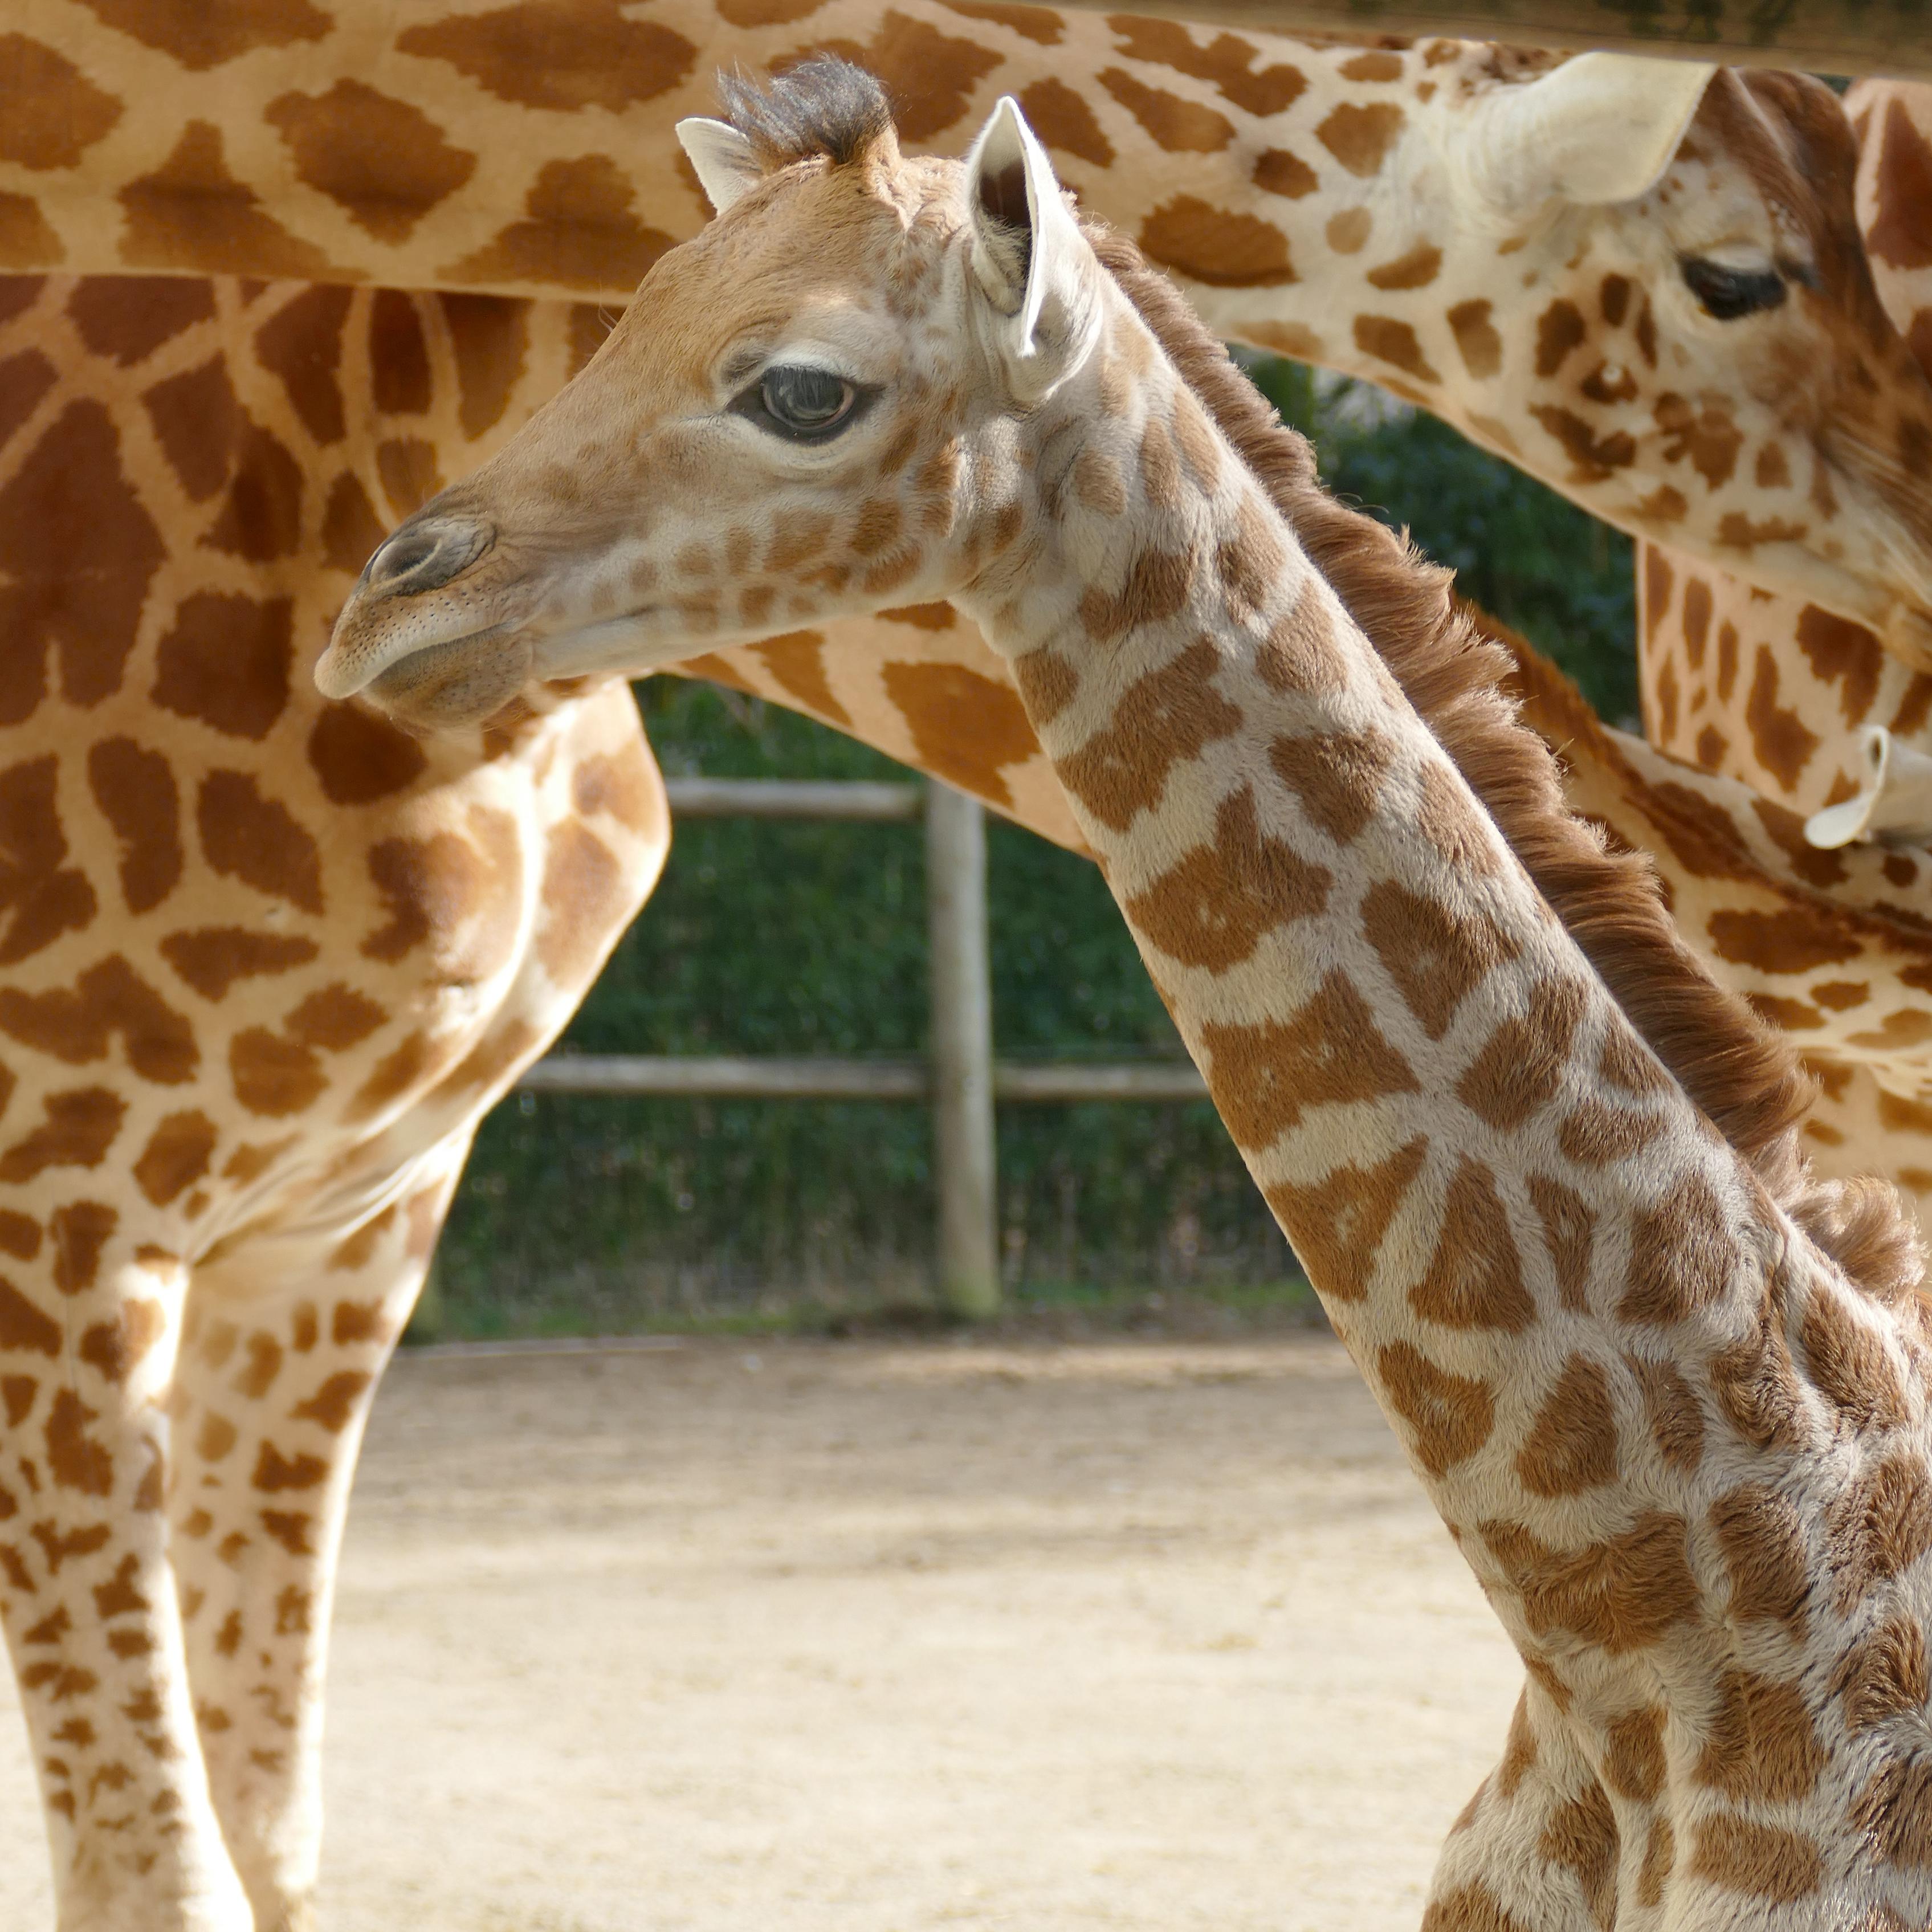 MOUNDOU, une girafe de Kordofan